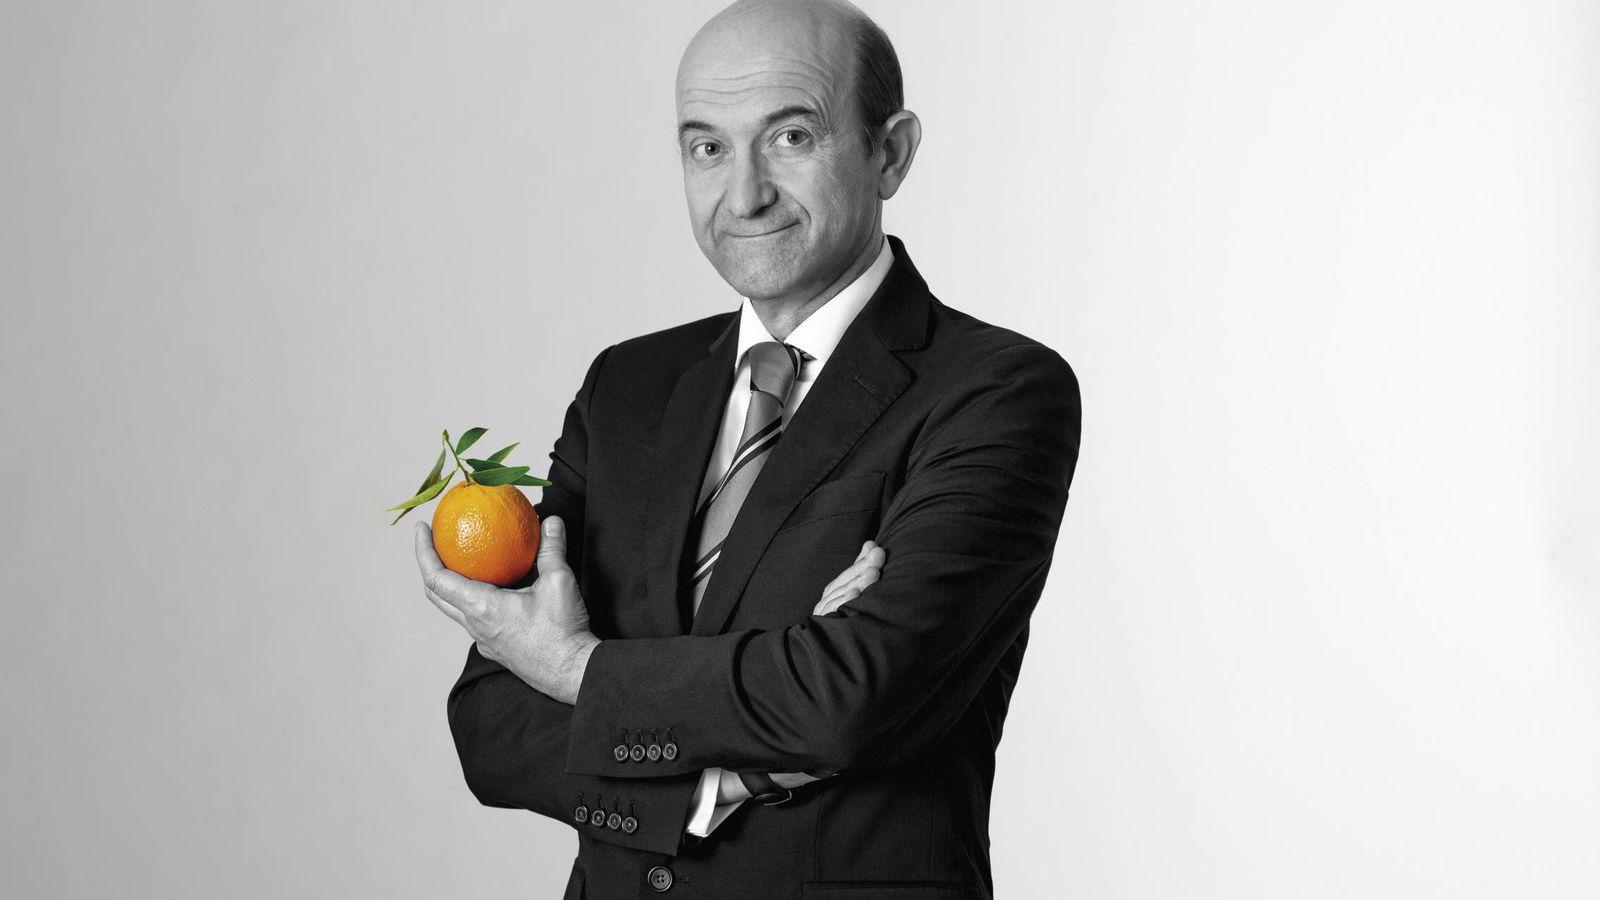 Foto: El médico y epidemiólogo Miguel Ángel Martínez, pionero en el estudio de la dieta mediterránea.